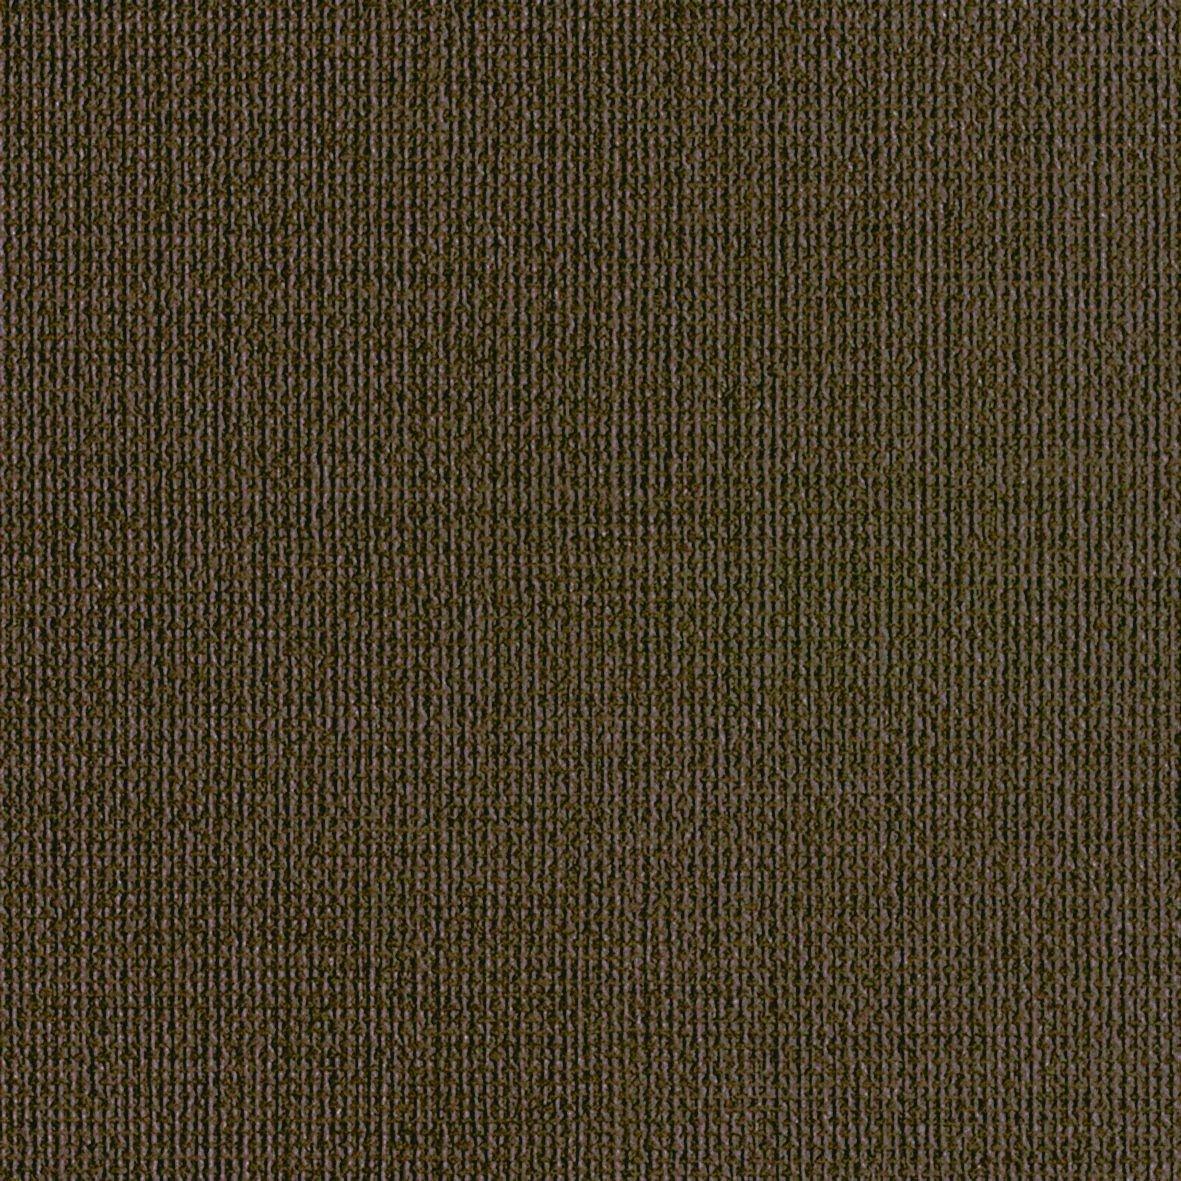 リリカラ 壁紙40m シンフル 織物調 ブラウン LL-8630 B01N3WAB9I 40m|ブラウン